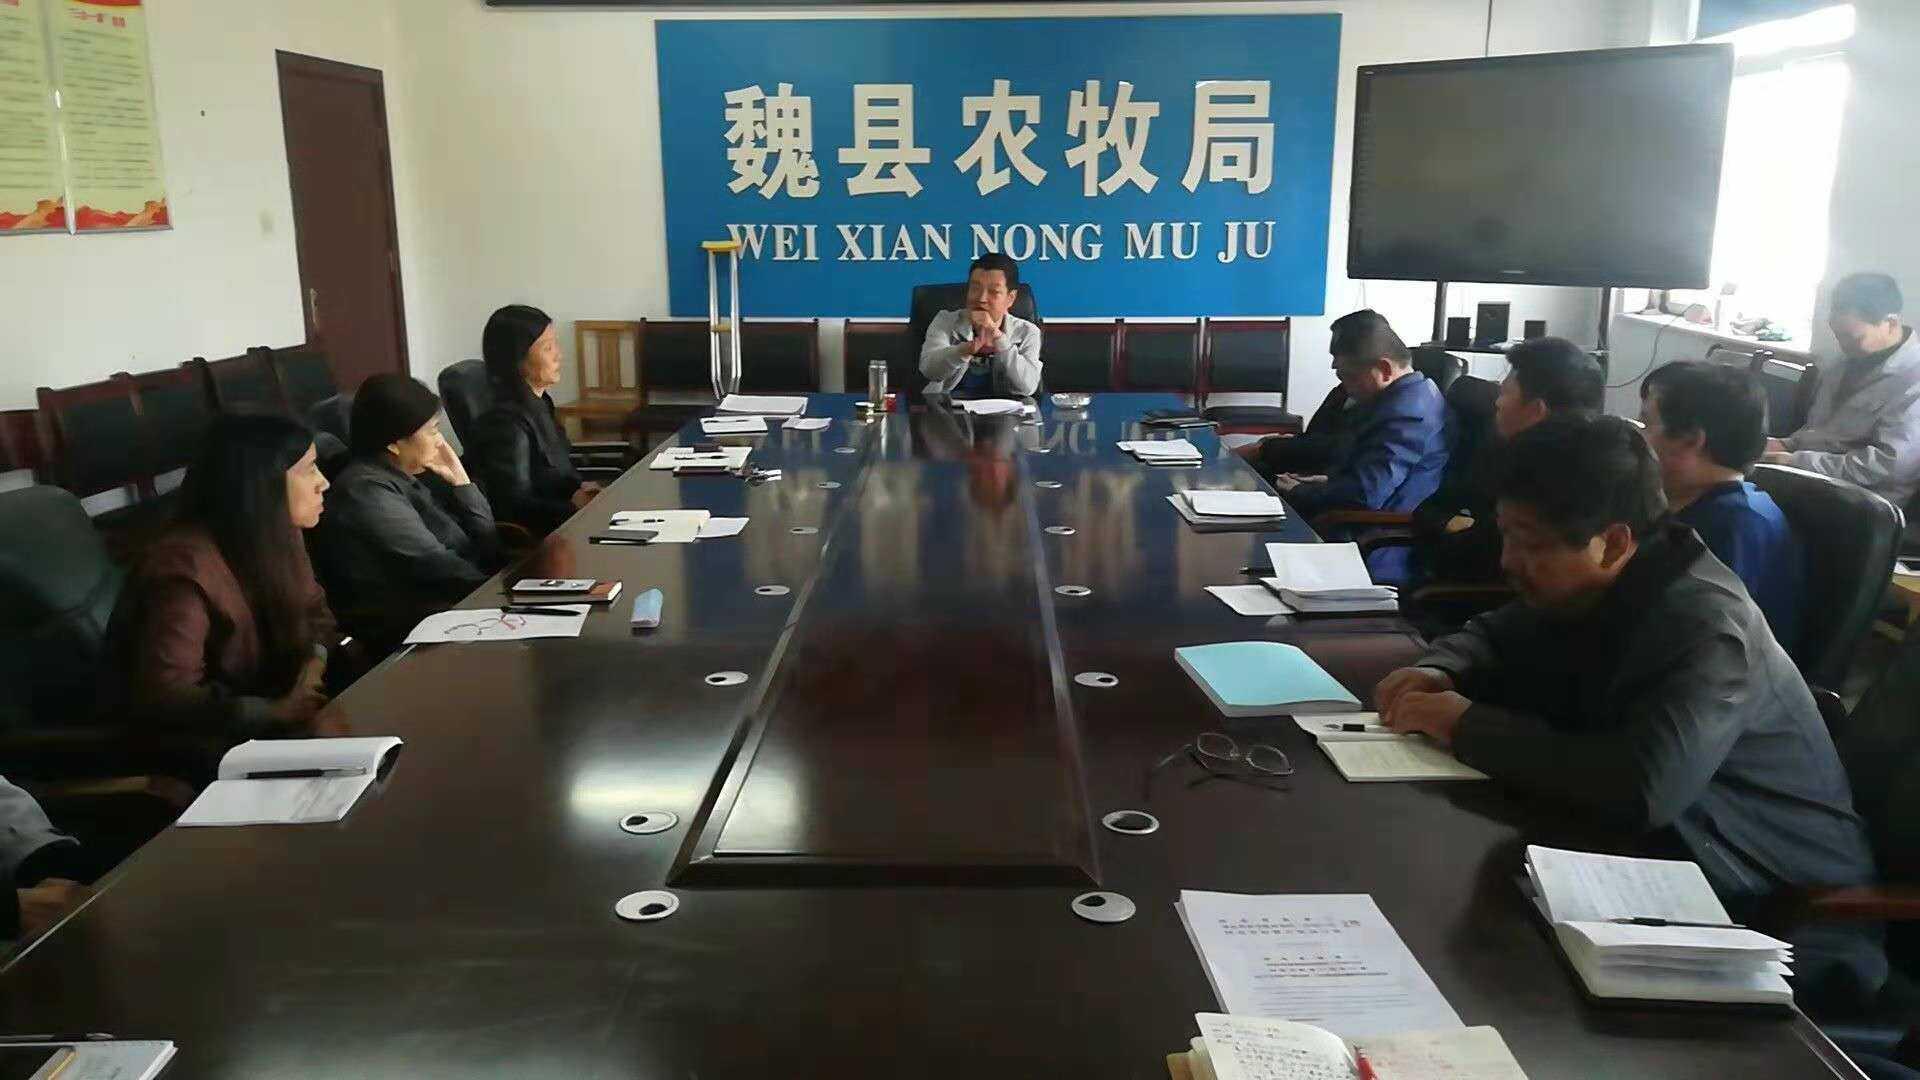 魏县农牧局力推环保节能10万头猪场项目建设为现代农业大园区